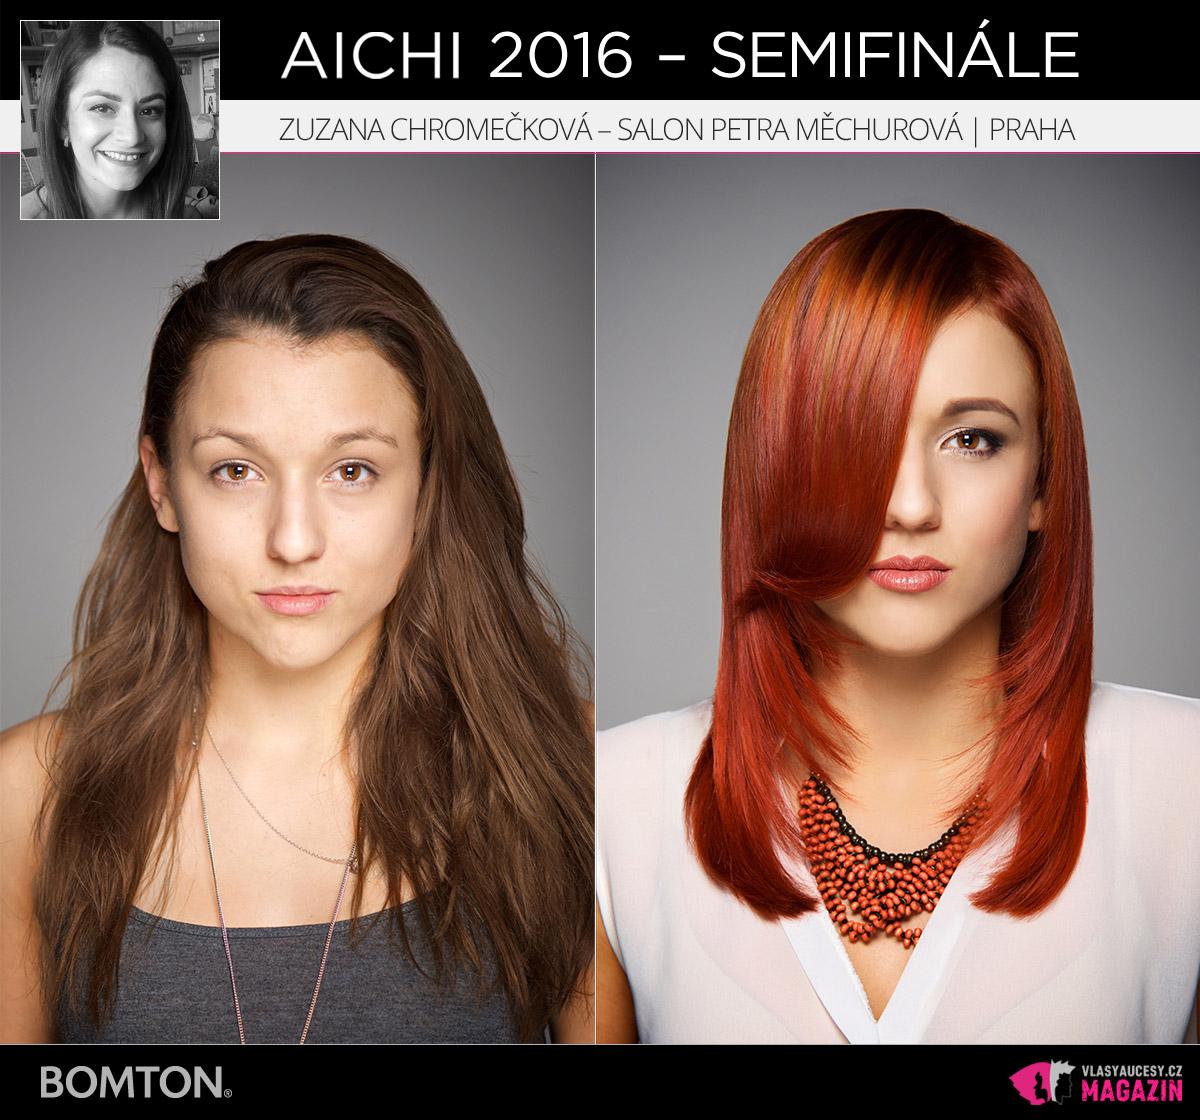 Zuzana Chromečková – Salon Petra Měchurová, Praha | Proměny AICHI 2016 - postupující do semifinálového kola